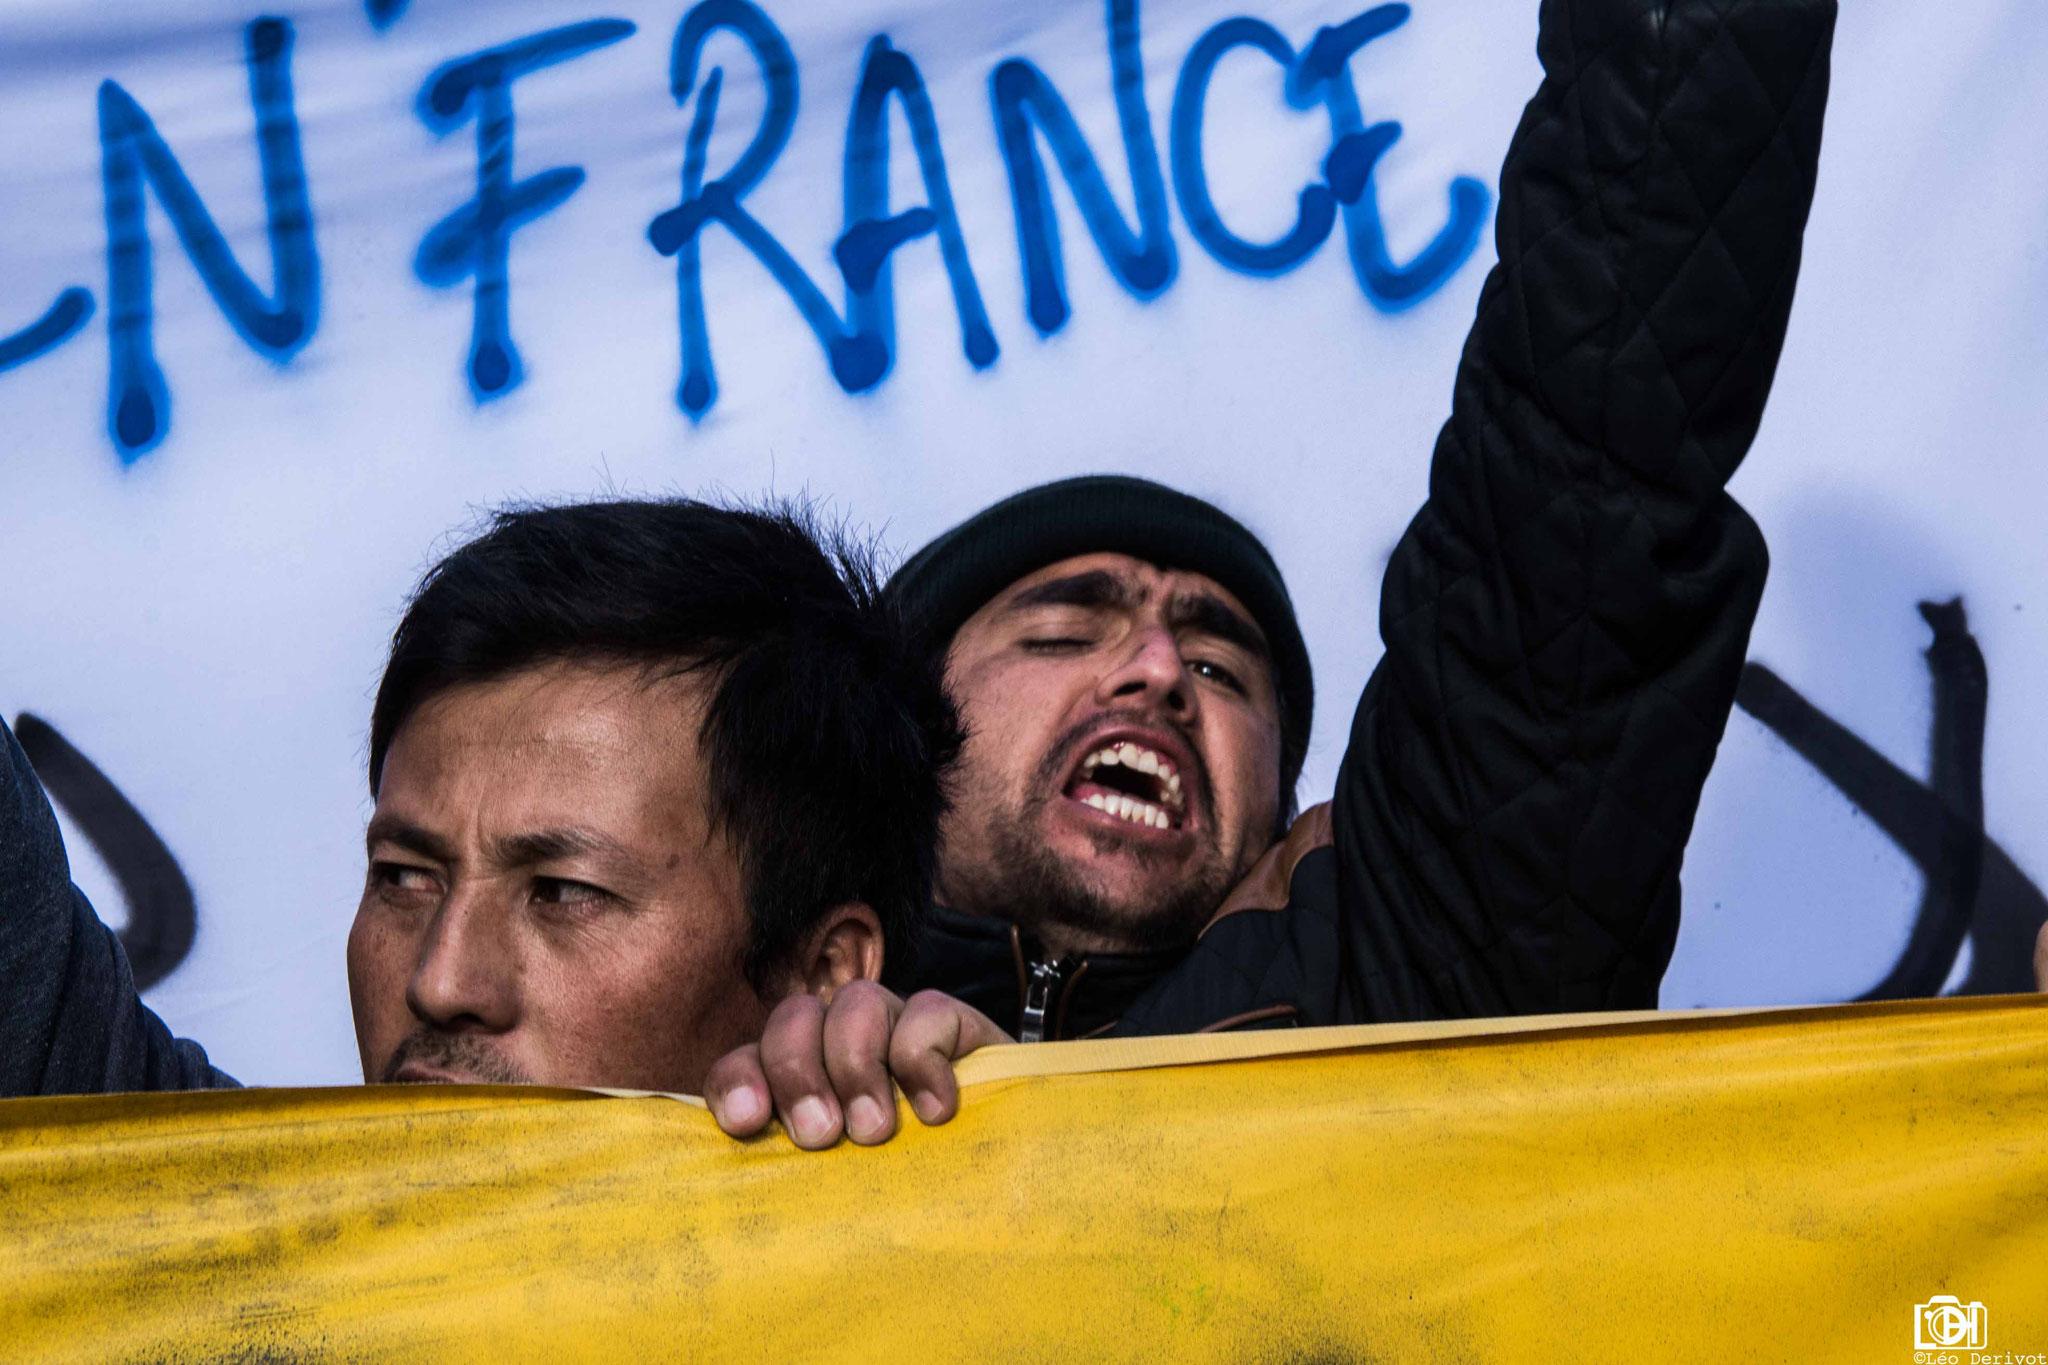 Manifestation de soutien au migrant de la porte de la chapelle, Paris 2018